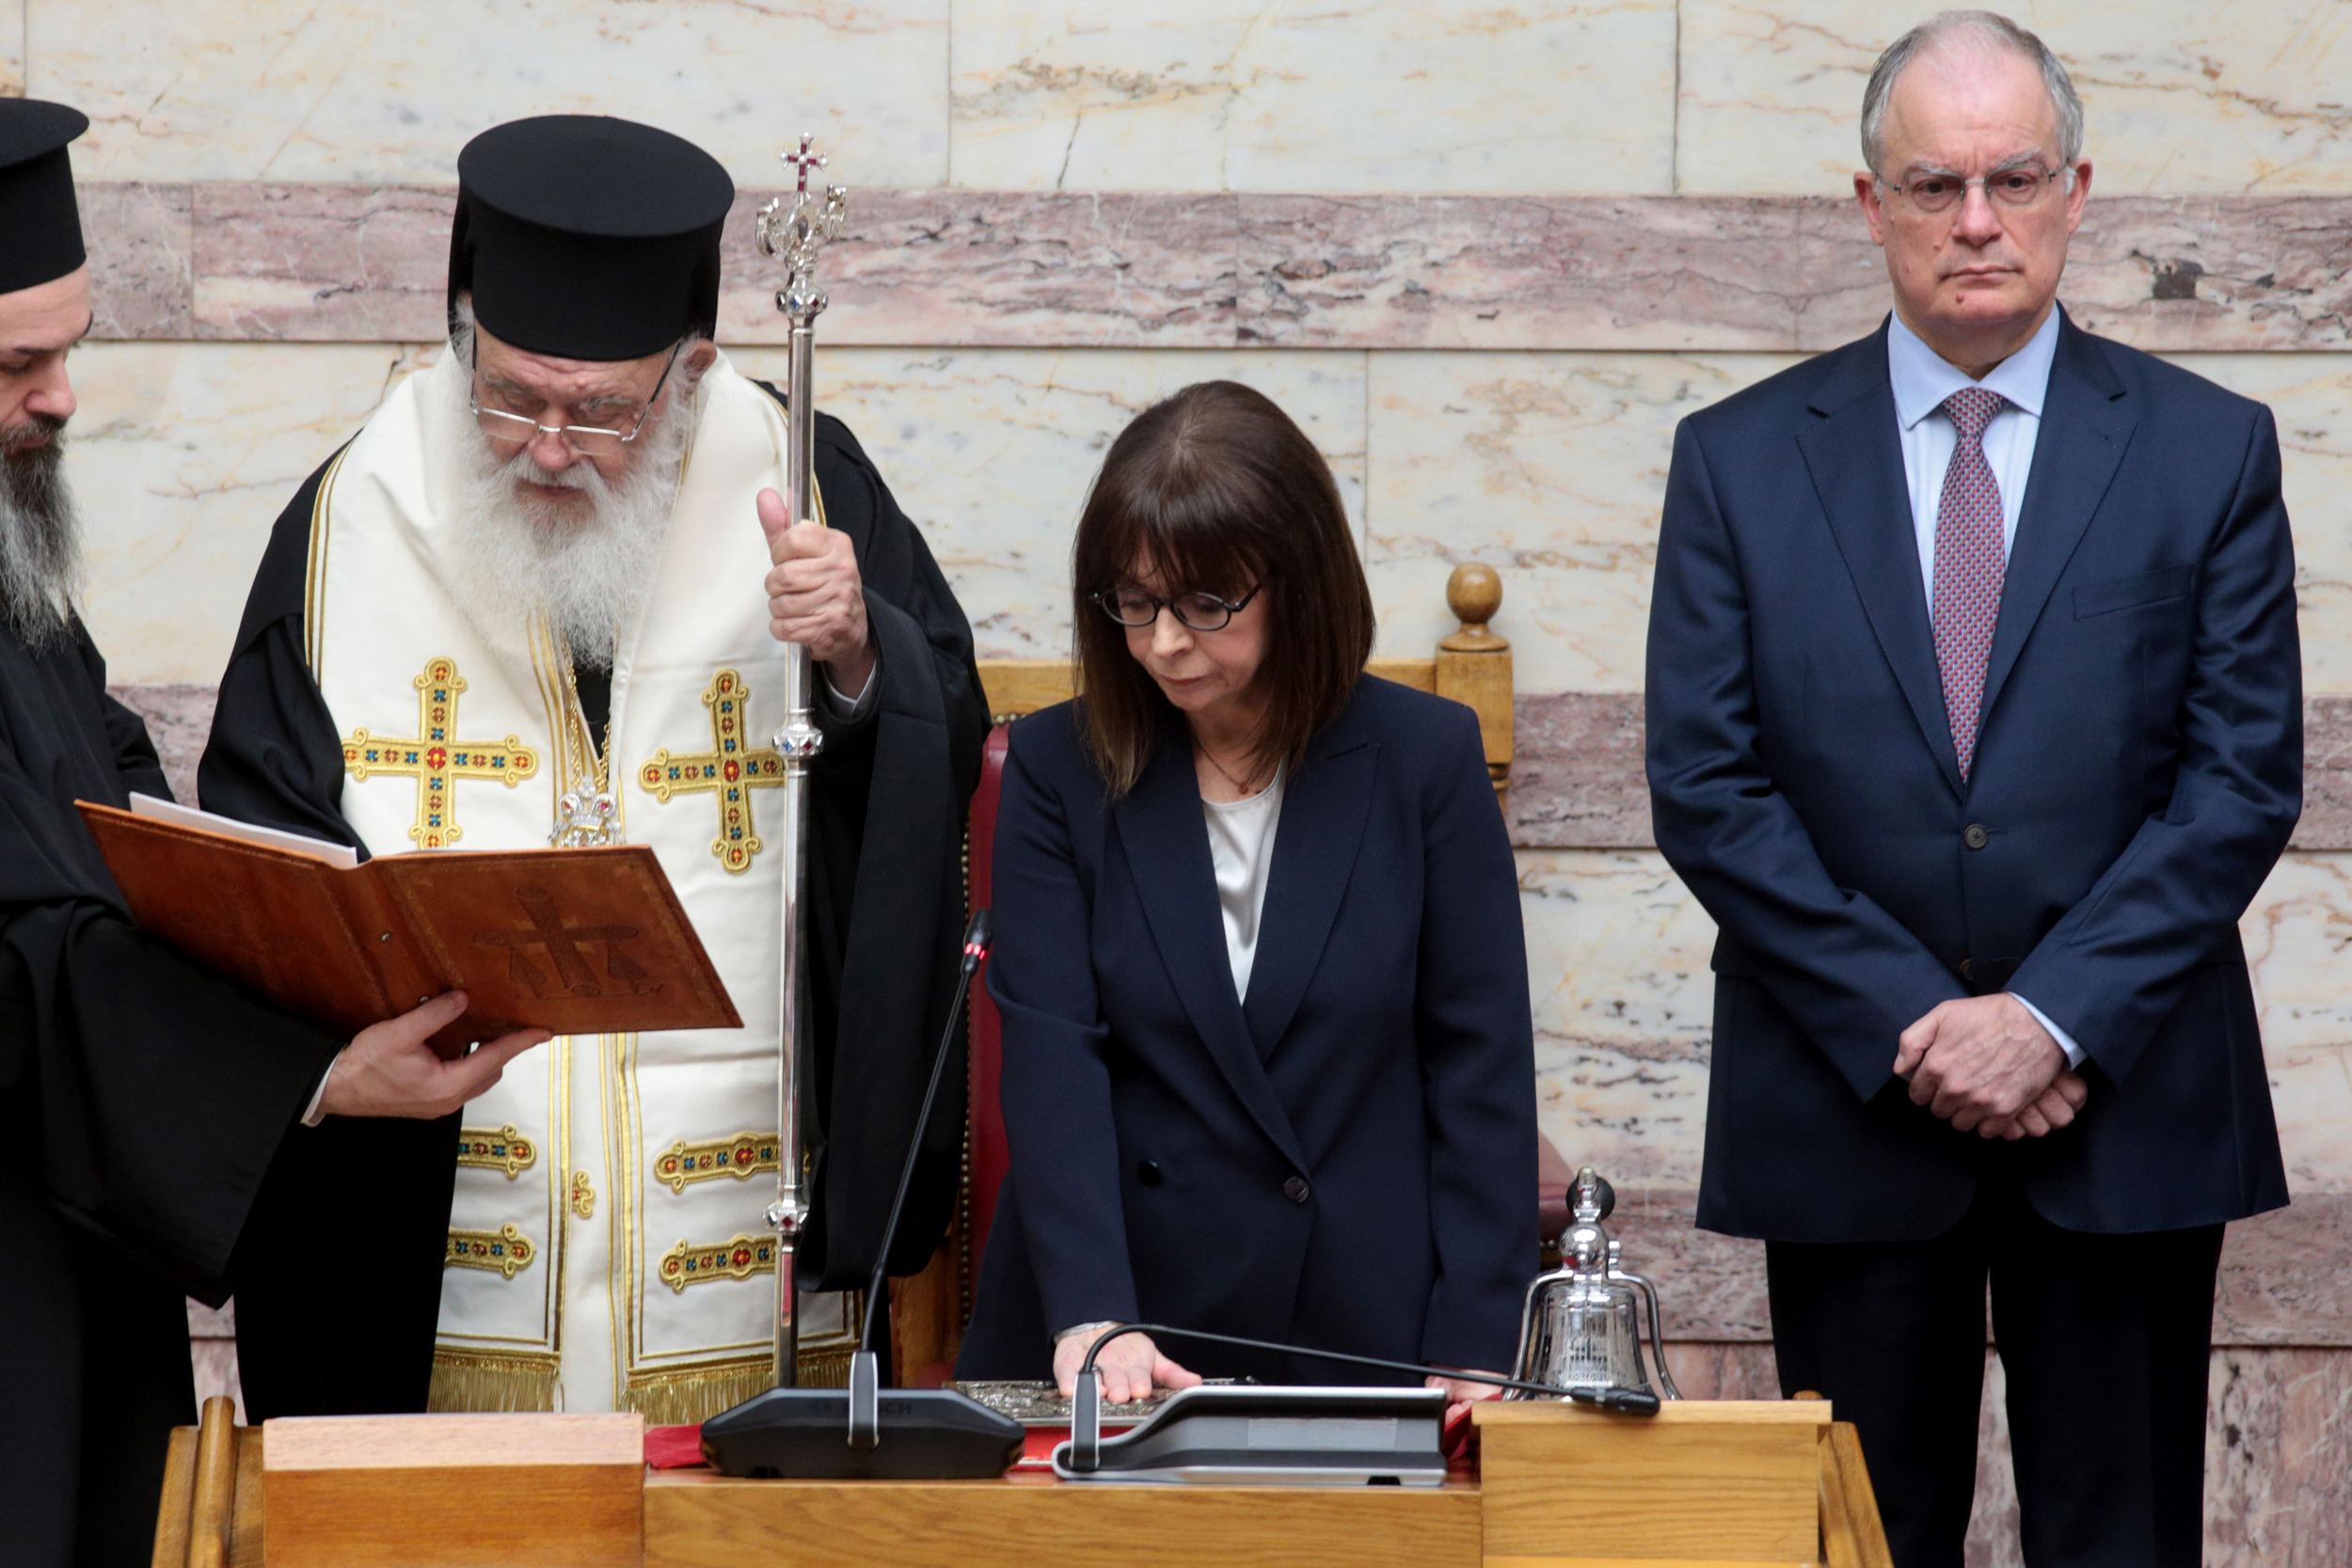 Κατερίνα Σακελλαροπούλου: Ορκίστηκε η πρώτη γυναίκα Πρόεδρος της Δημοκρατίας (Φωτογραφίες)